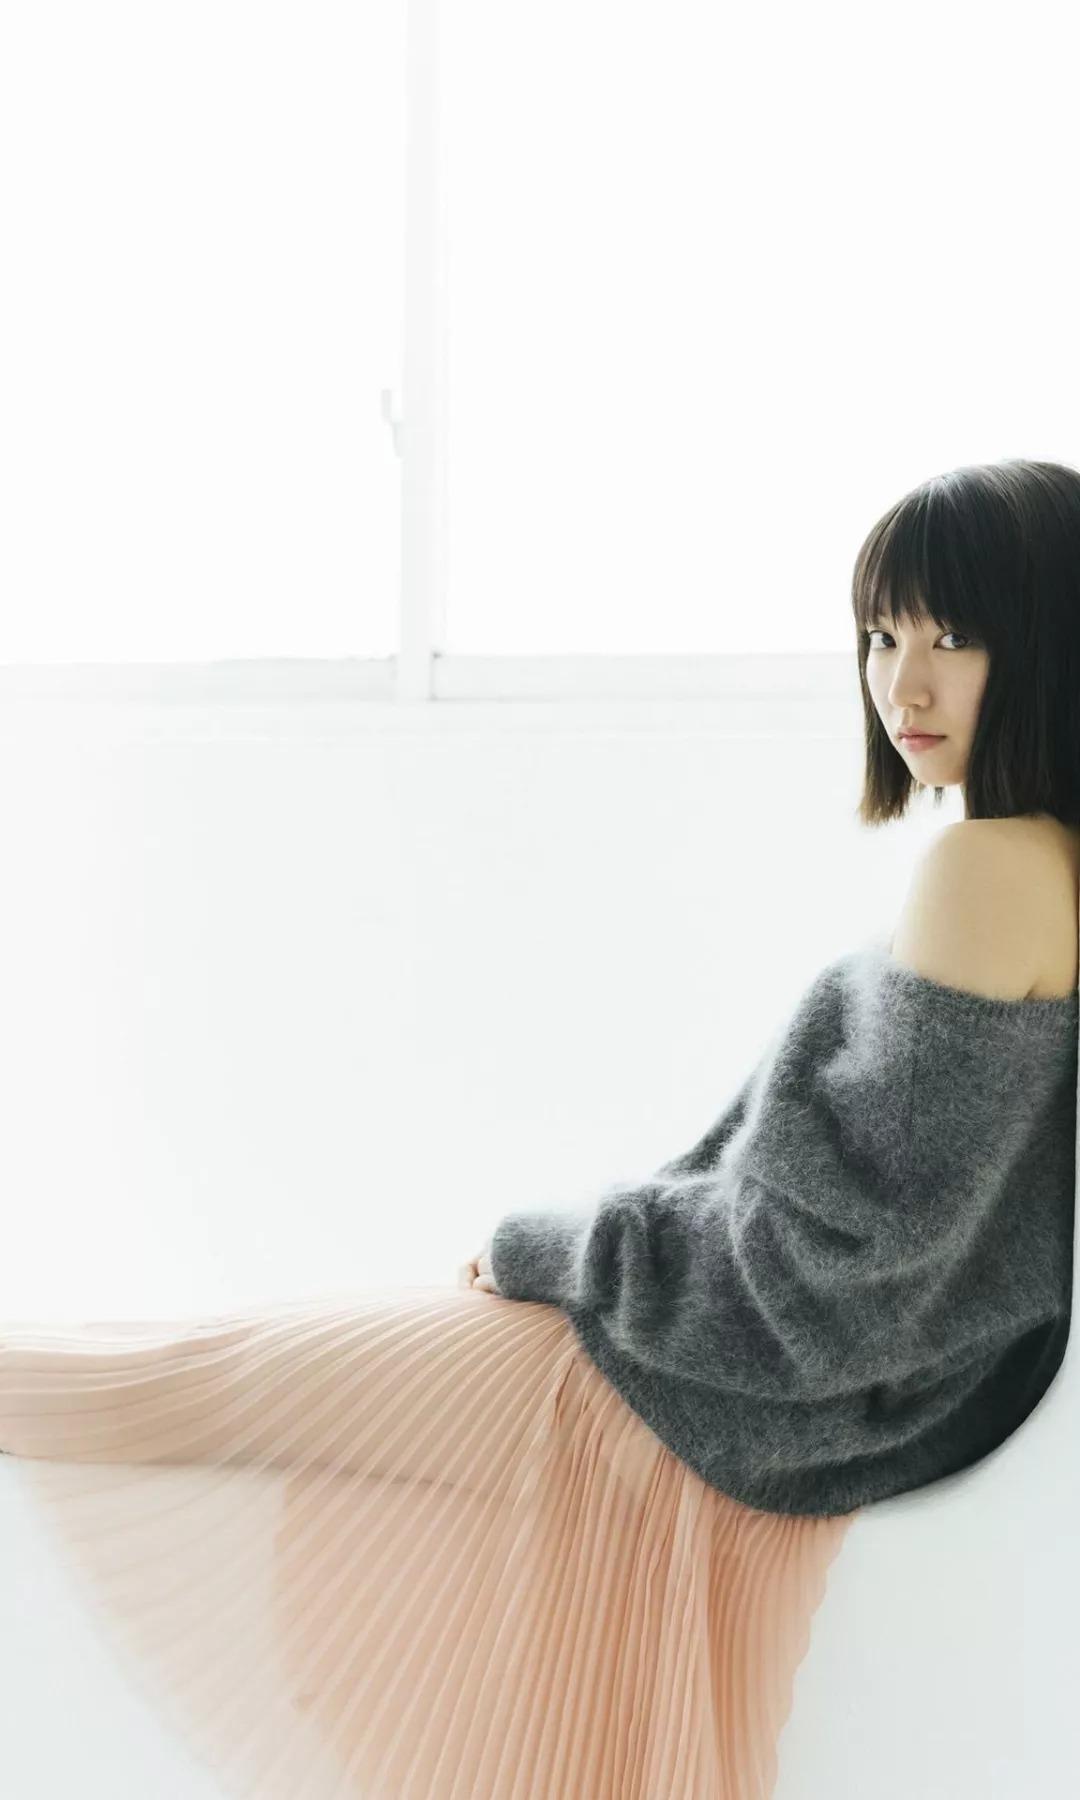 治愈系魔性之女吉冈里帆写真作品 (71)